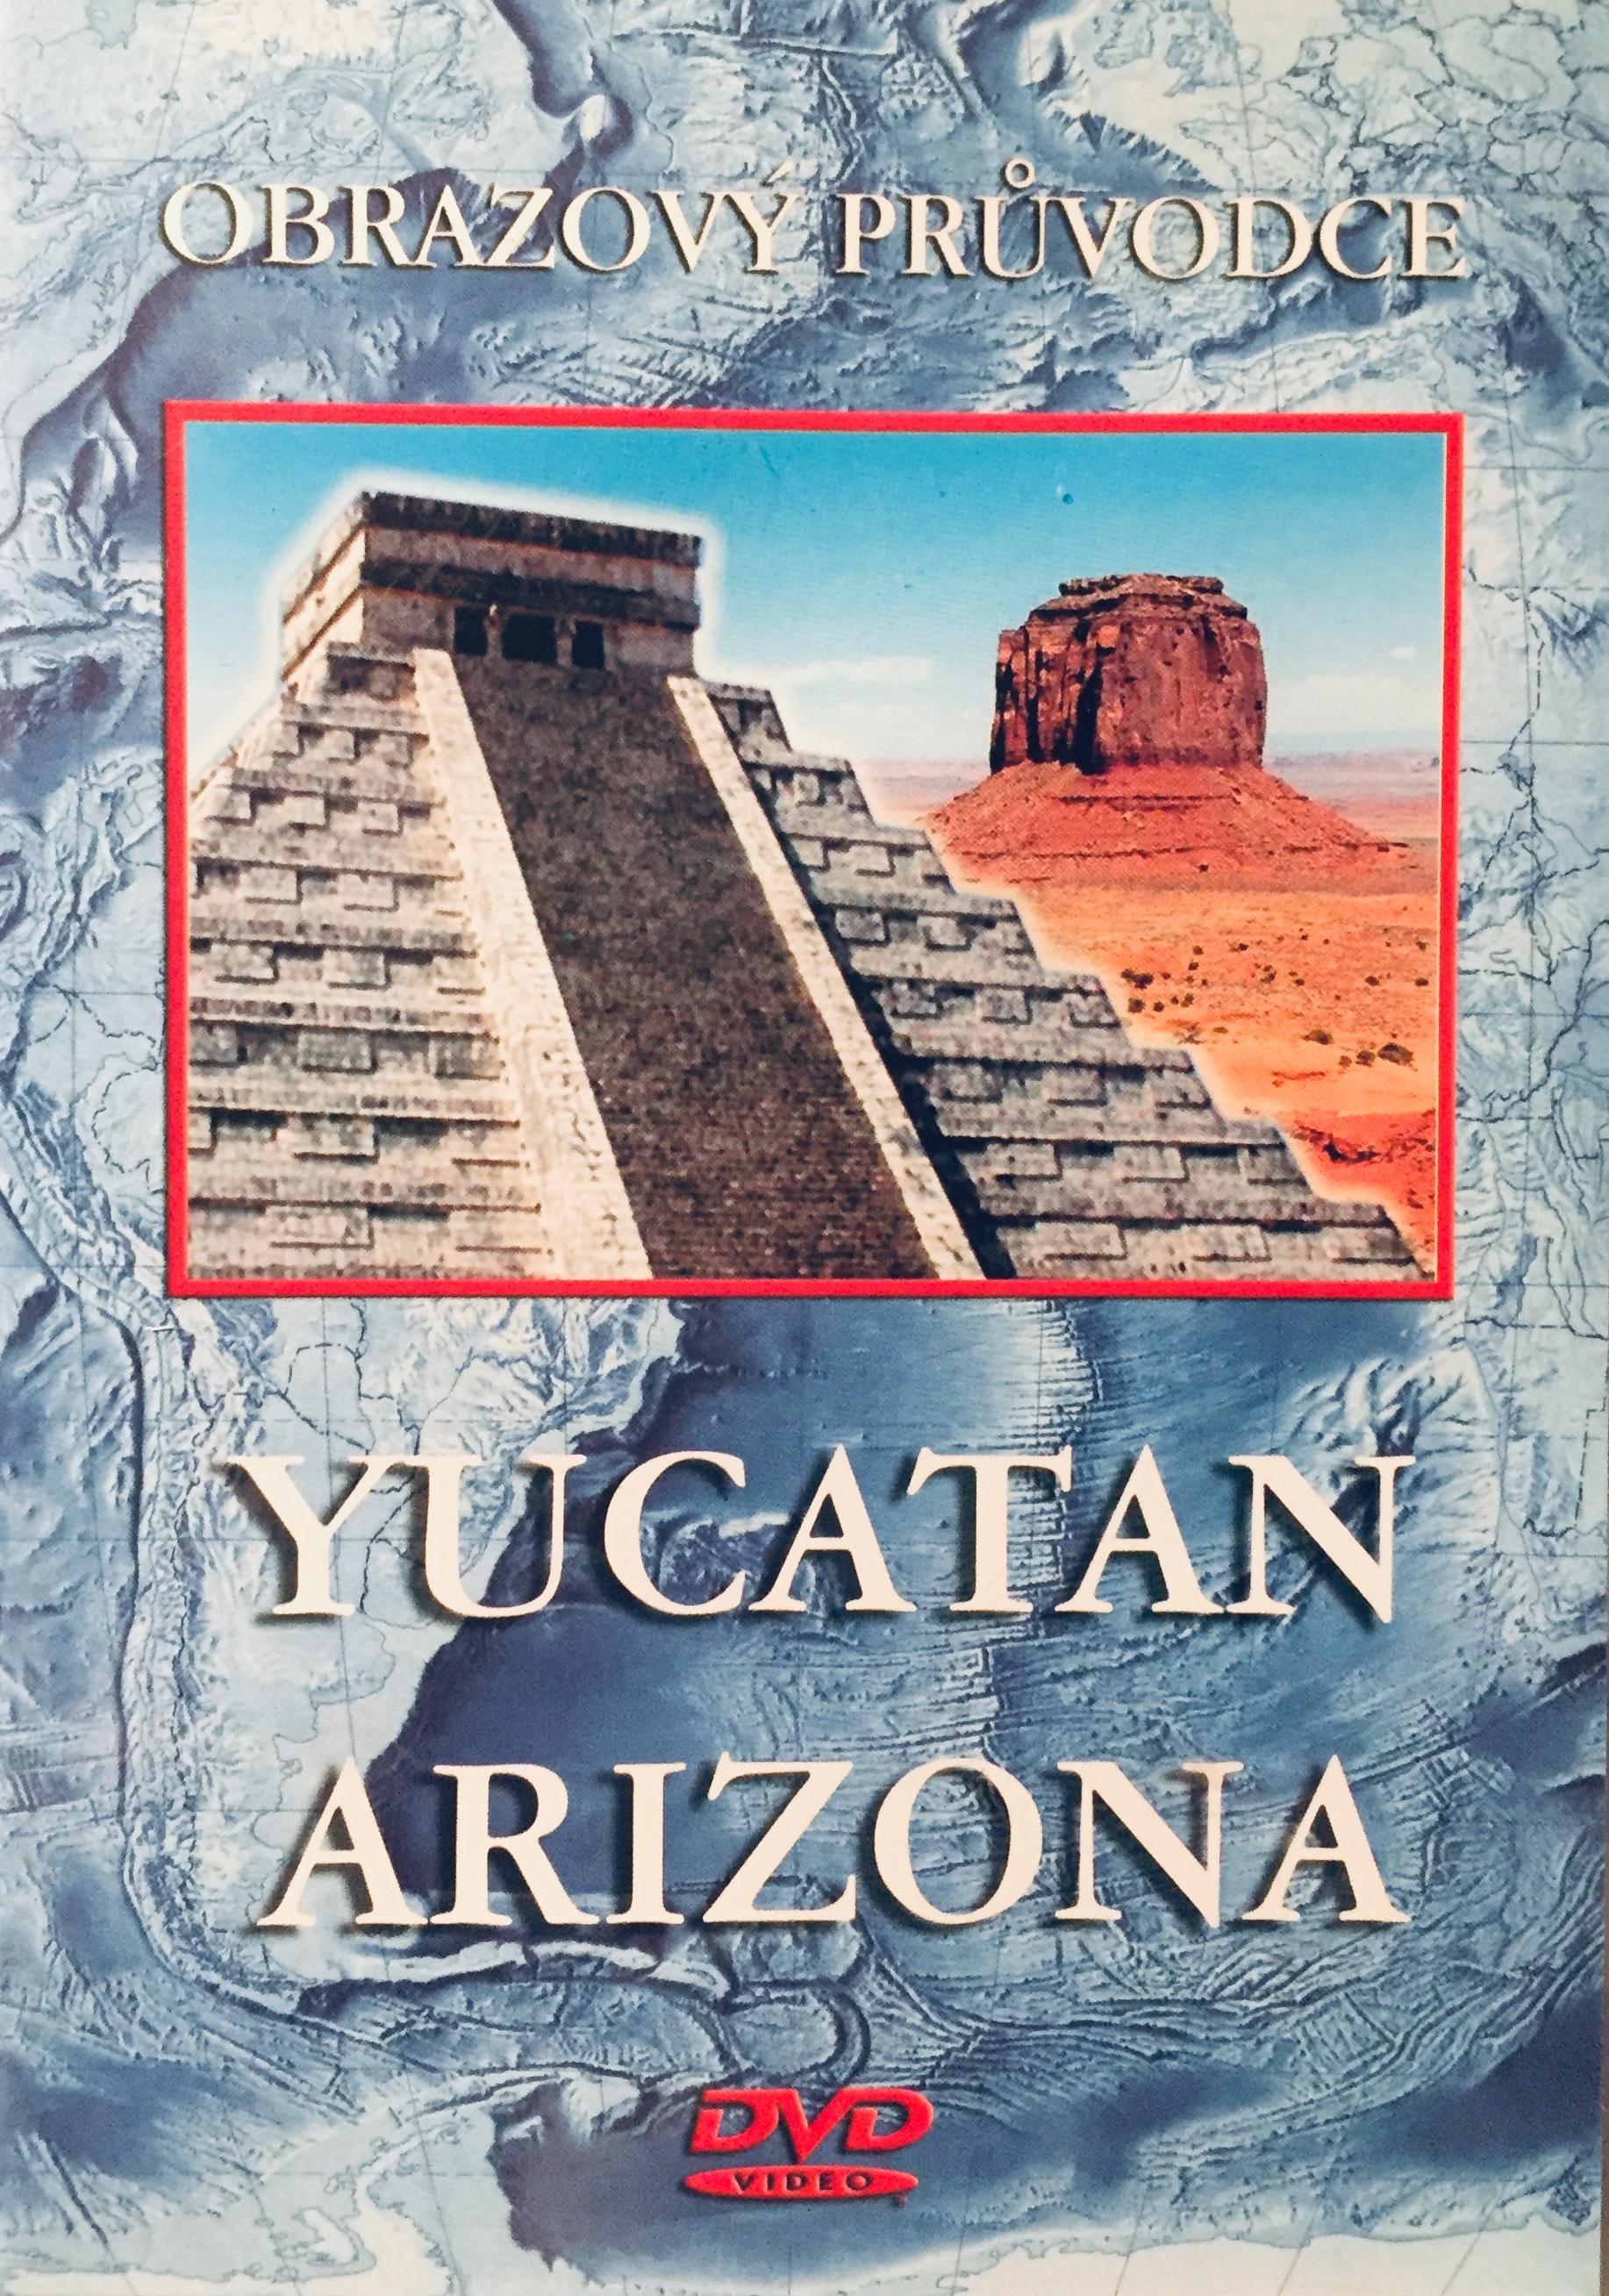 Obrazový průvodce - Yucatan Arizona - DVD /plast/